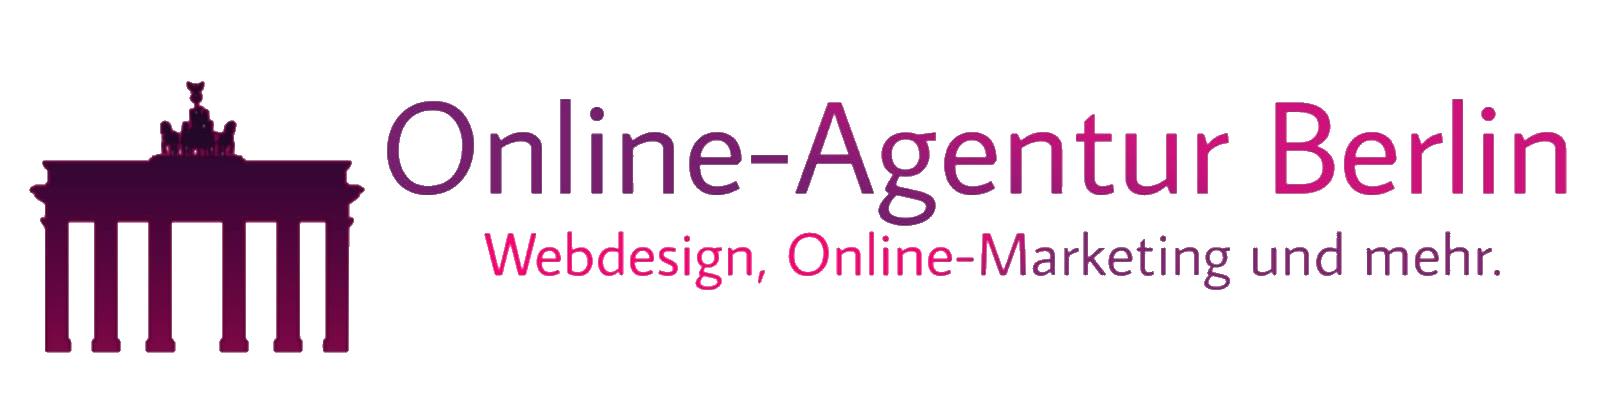 Online-Agentur Berlin